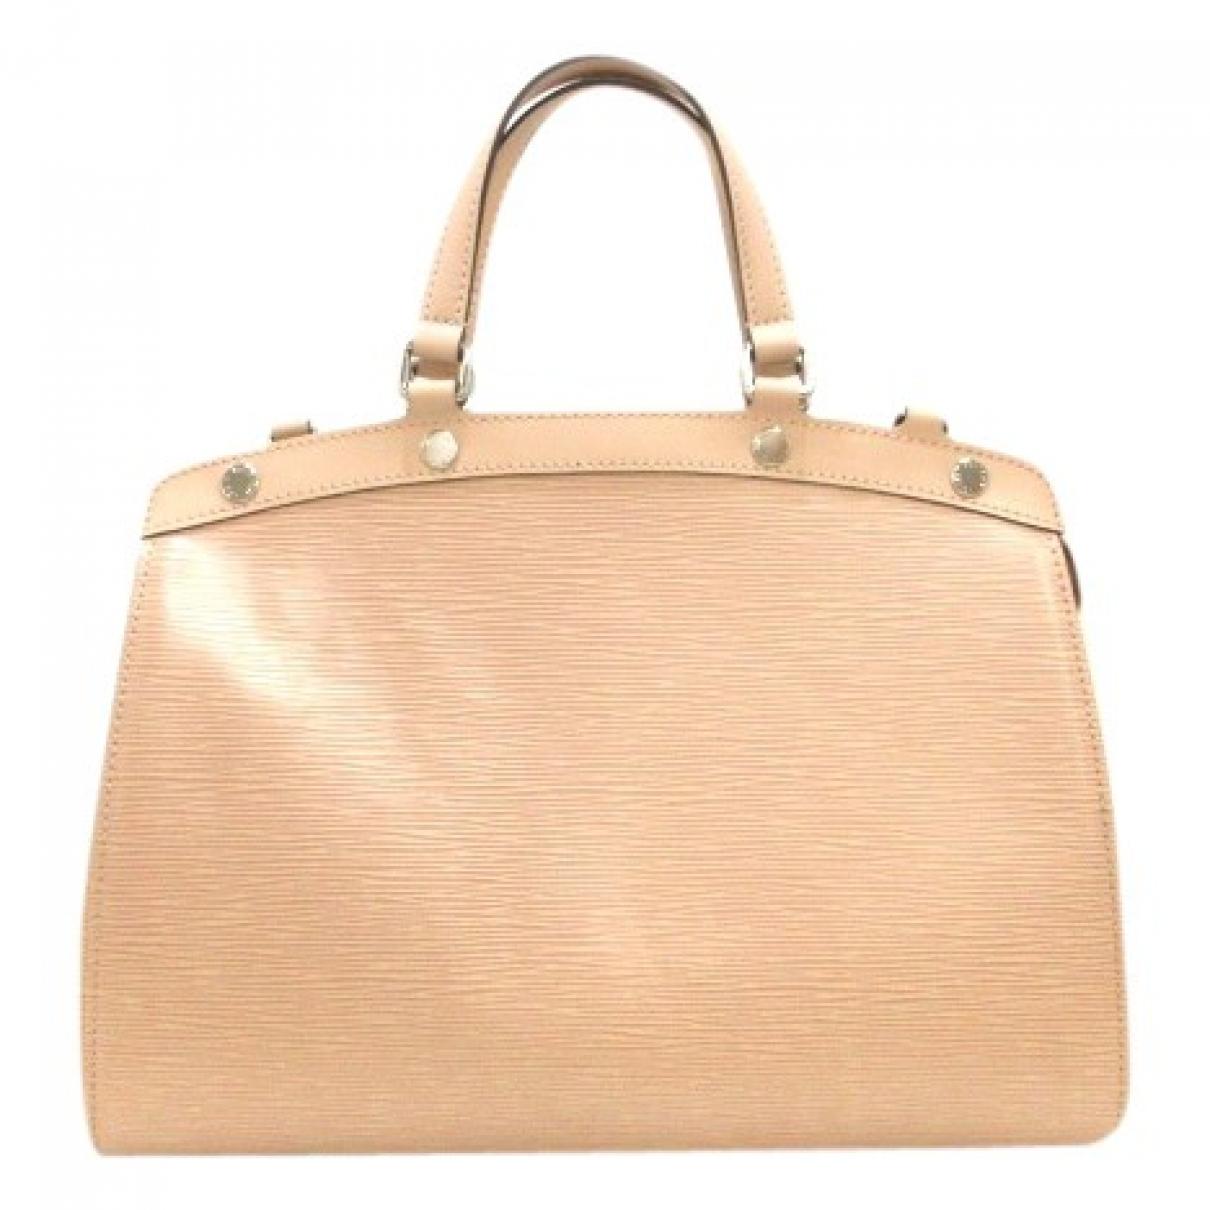 Louis Vuitton Bréa Beige Patent leather handbag for Women \N